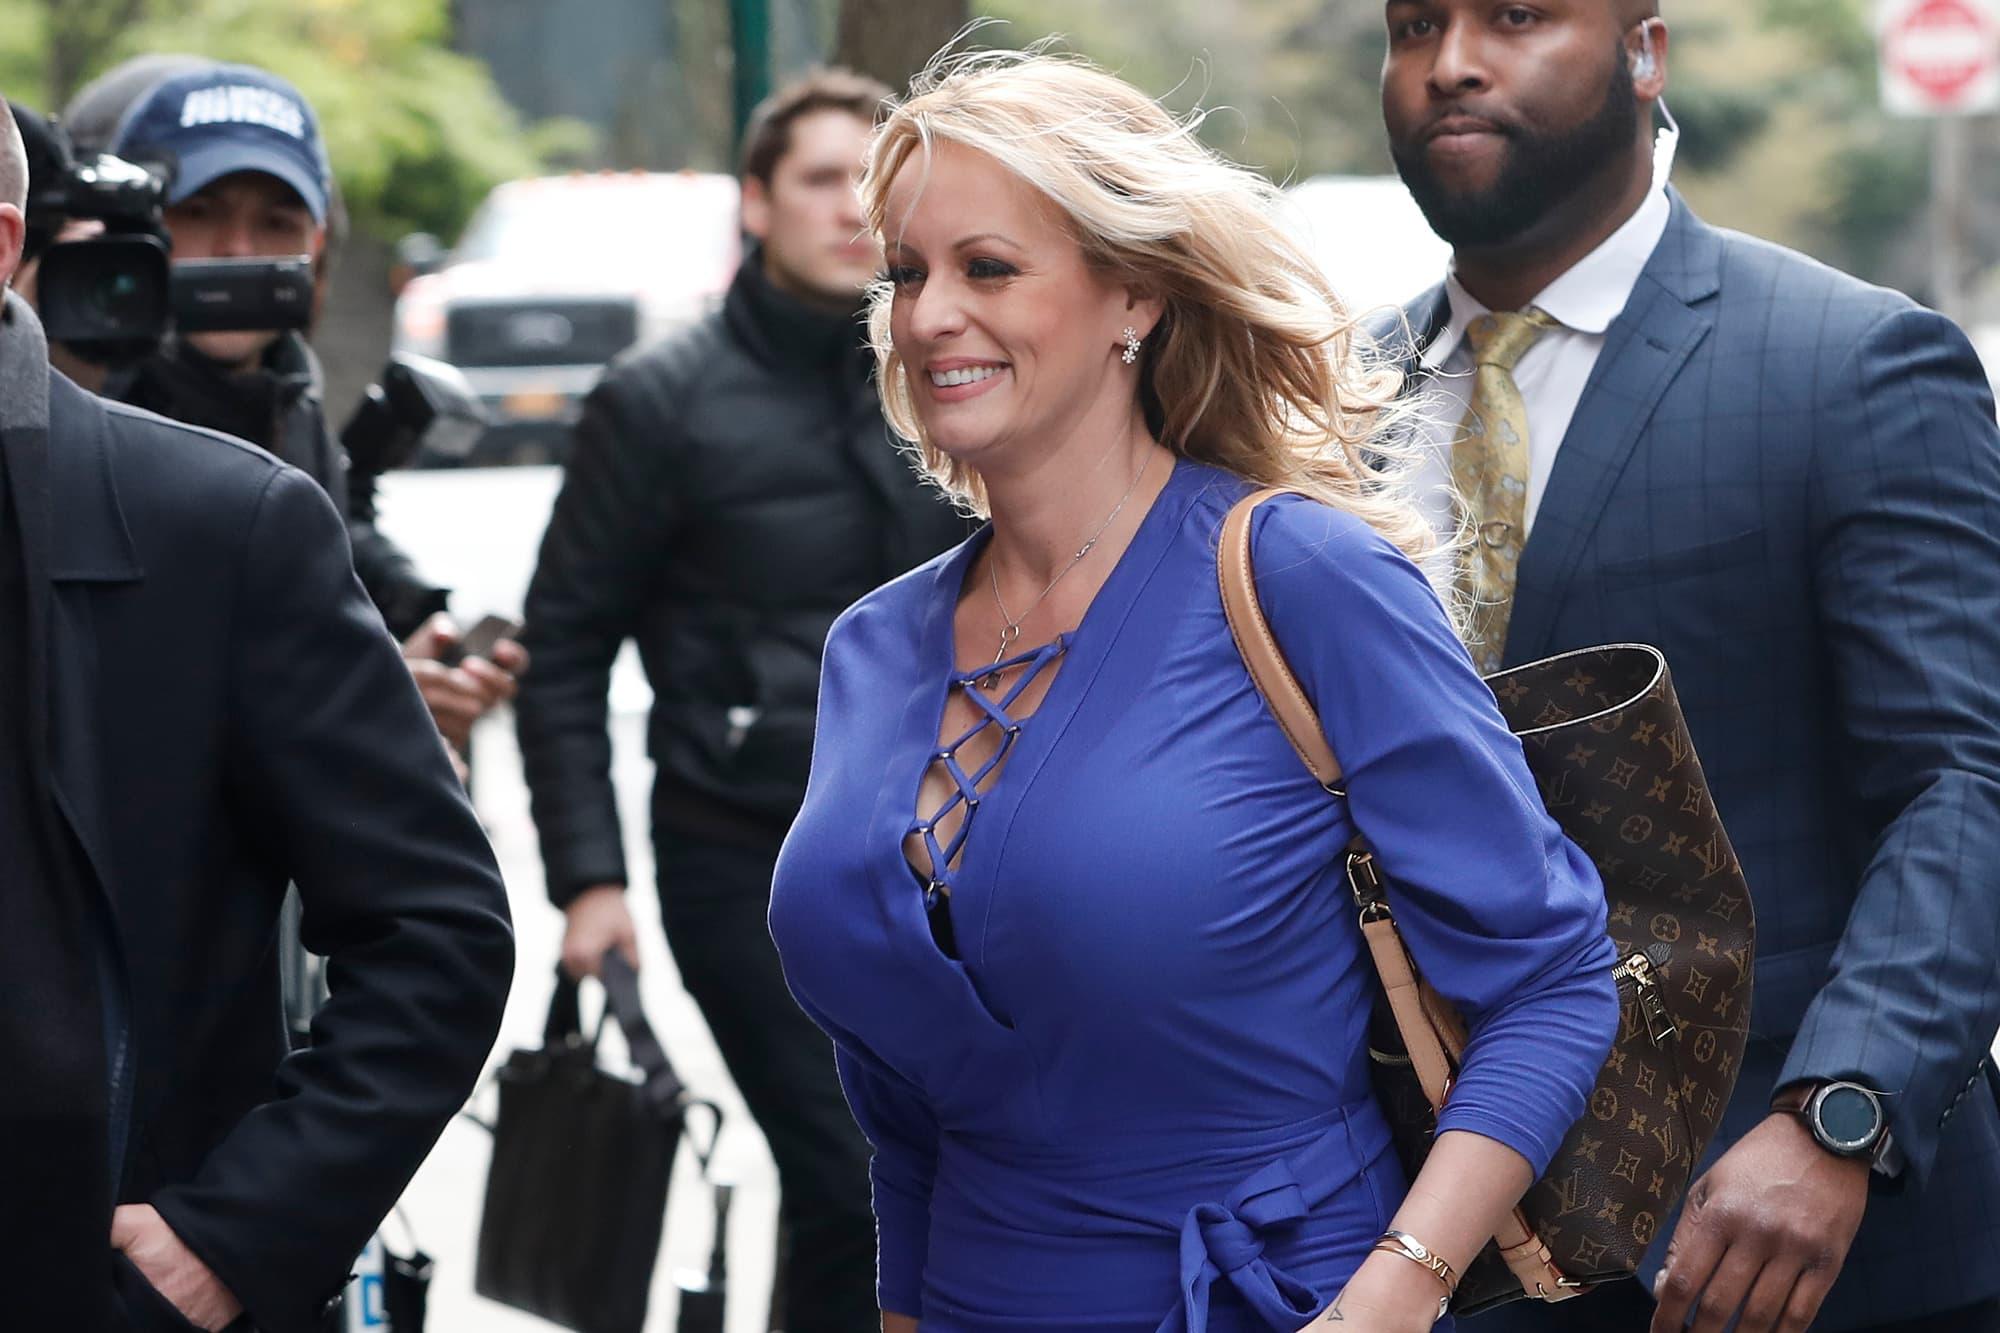 La estrella porno Stormy Daniels dice que 'le encantaría' testificar contra Trump en el gran jurado de Manhattan